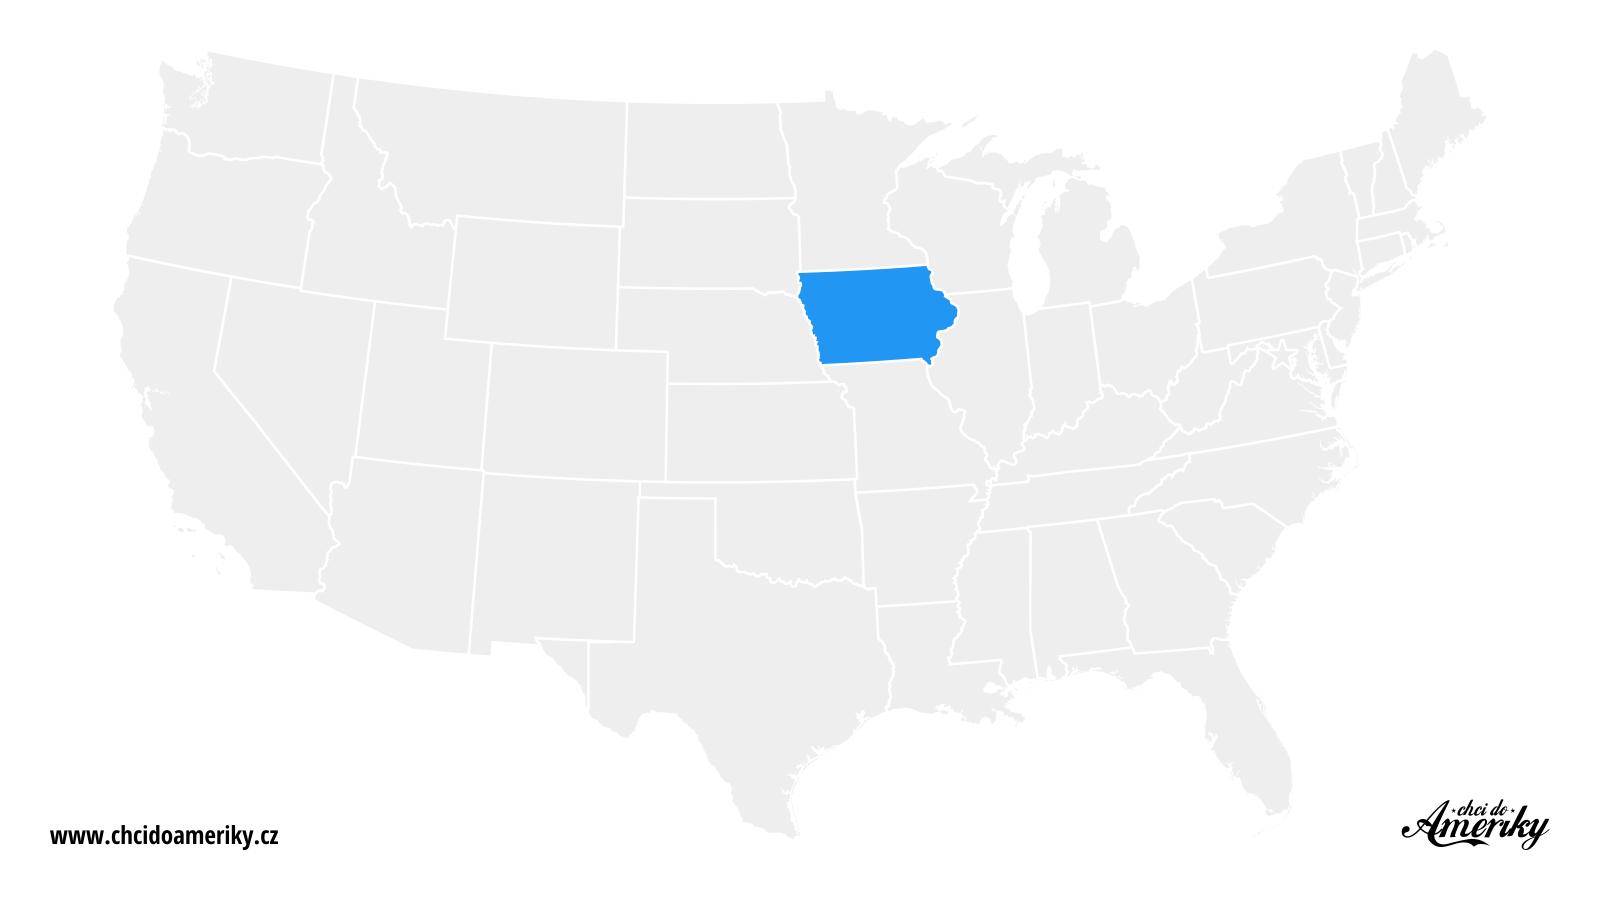 Mapa Iowy / Kde je Iowa?